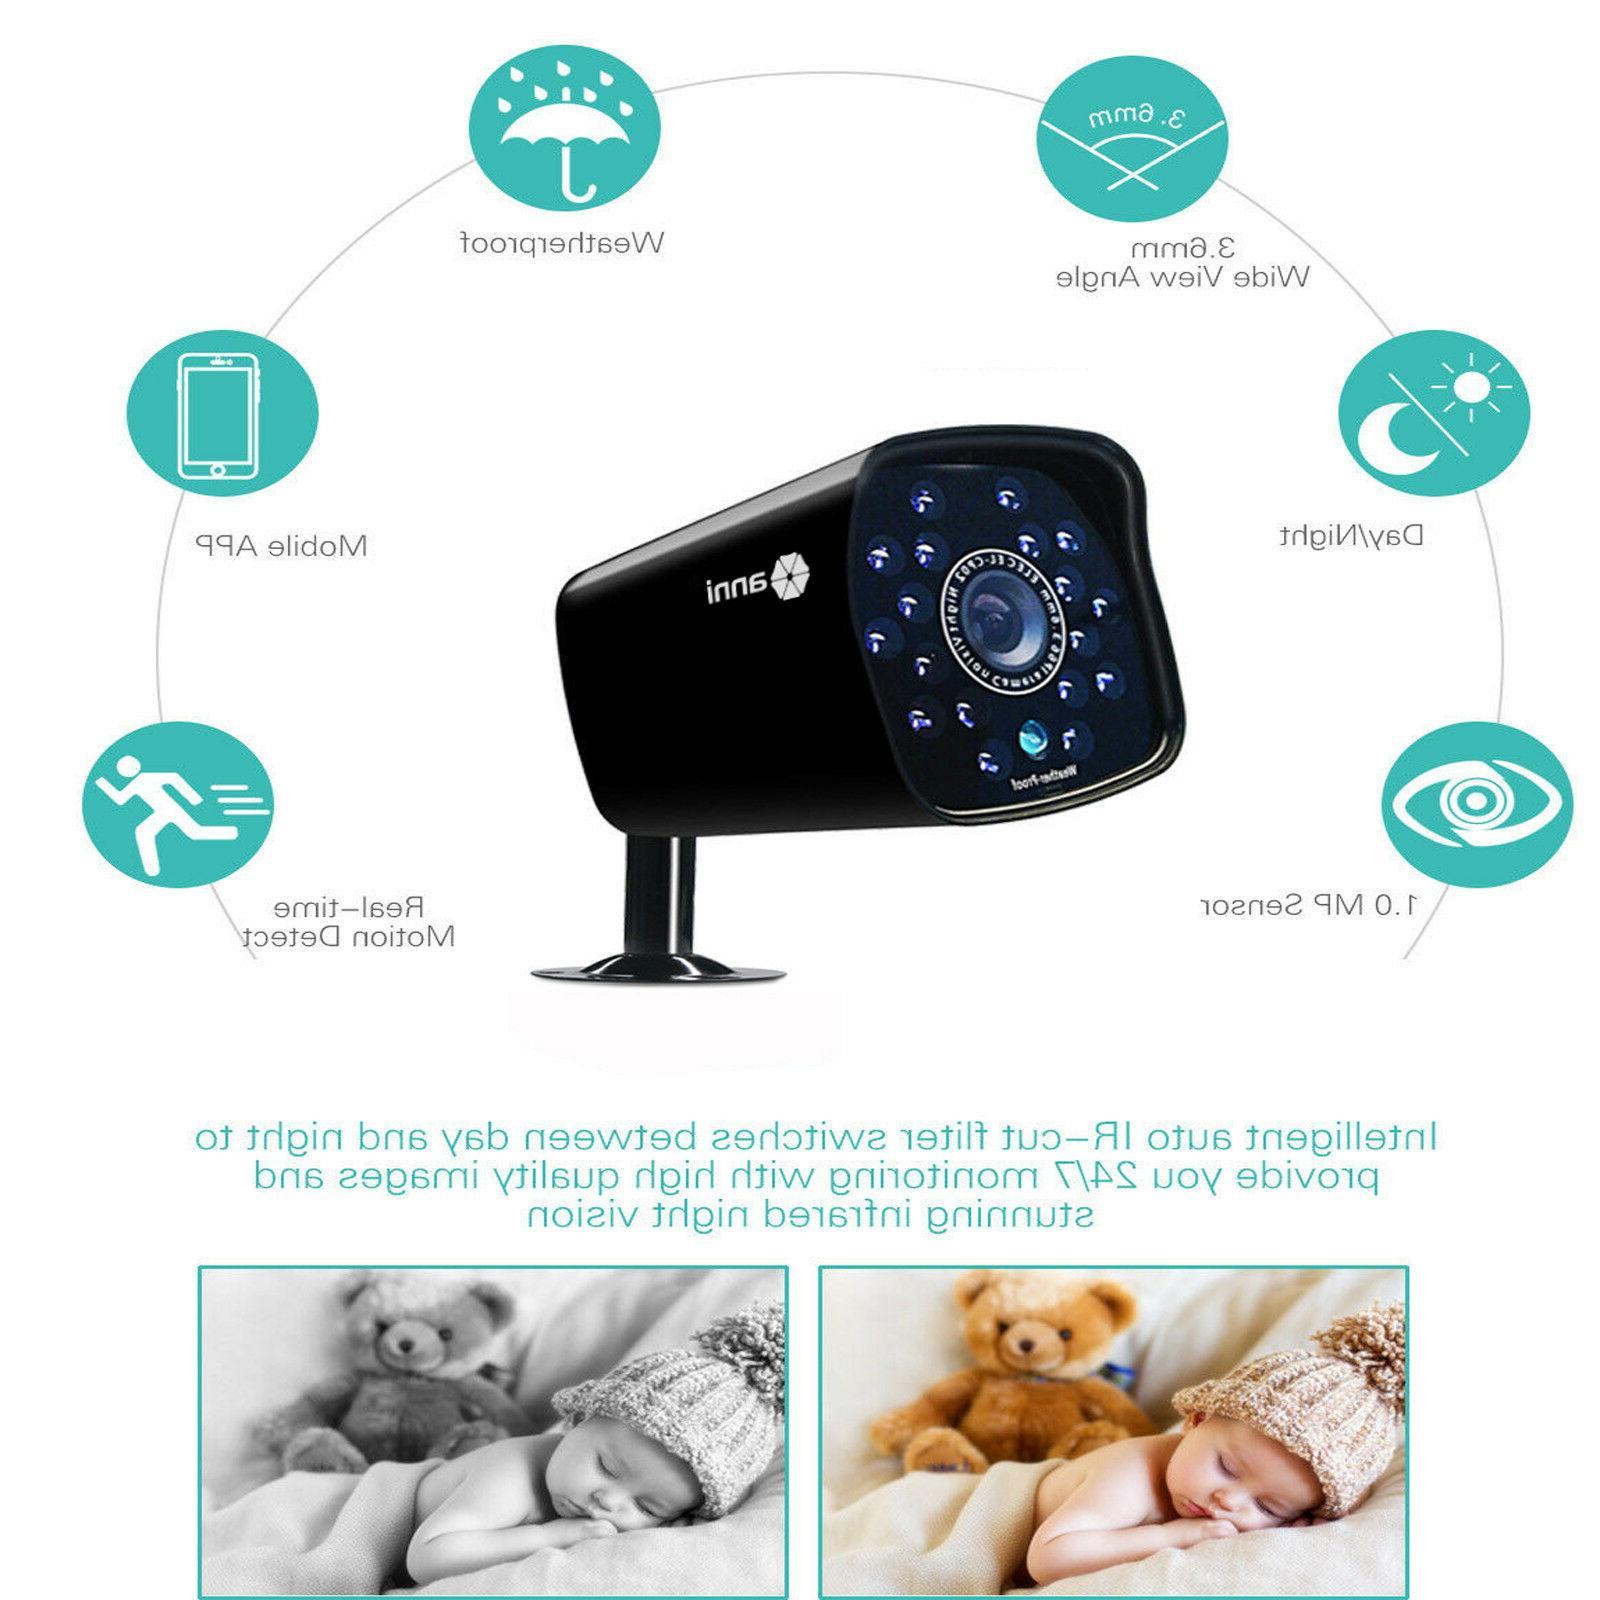 SmartSF Outdoor 720P Camera System HD CCTV